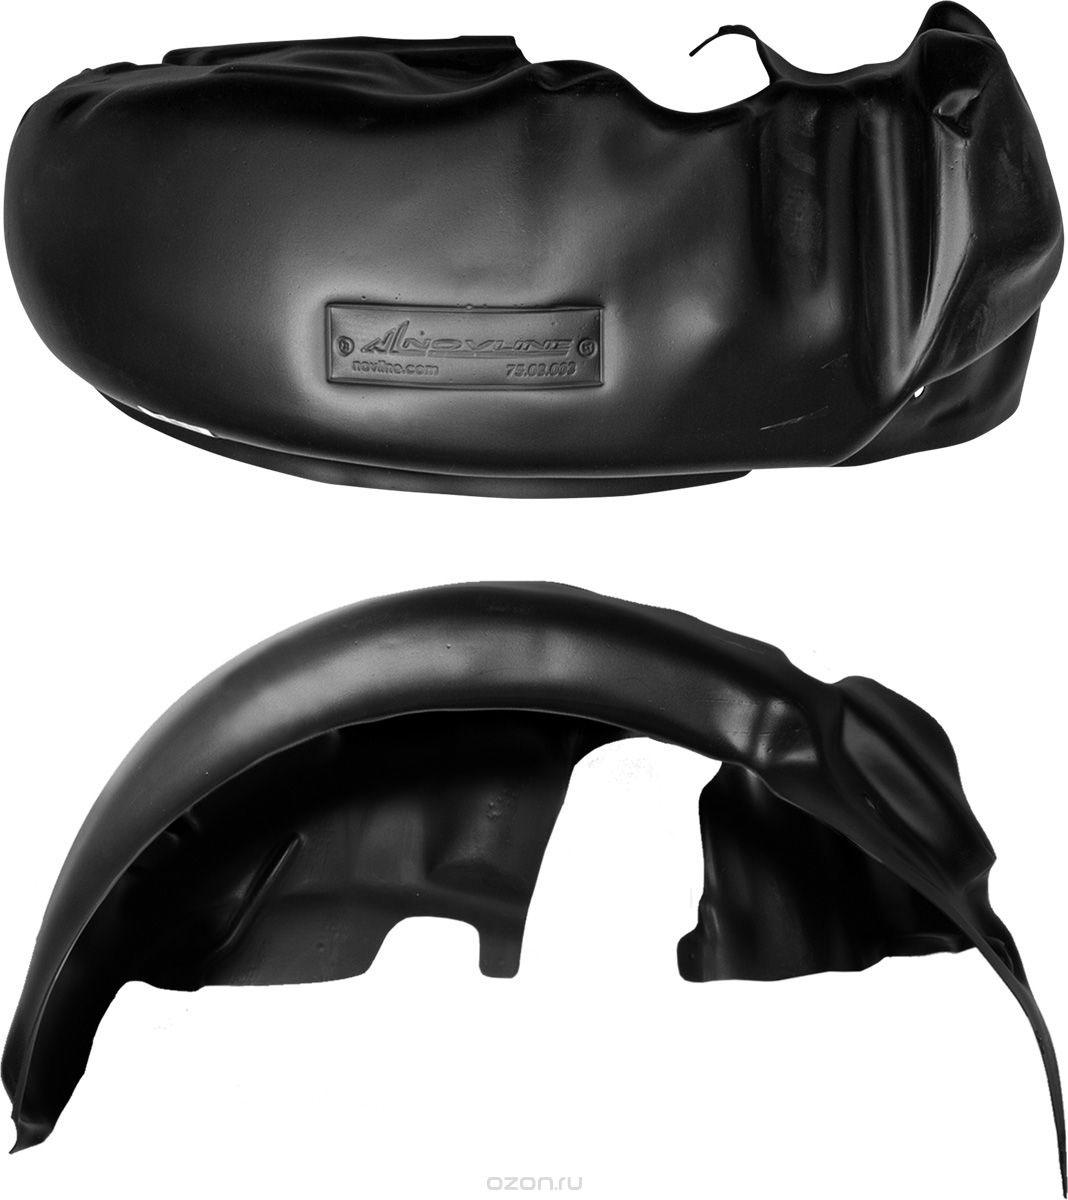 Подкрылок Novline-Autofamily, для GREAT WALL Hover M2, 2013->, задний правыйNLL.59.12.004Идеальная защита колесной ниши. Локеры разработаны с применением цифровых технологий, гарантируют максимальную повторяемость поверхности арки. Изделия устанавливаются без нарушения лакокрасочного покрытия автомобиля, каждый подкрылок комплектуется крепежом. Уважаемые клиенты, обращаем ваше внимание, что фотографии на подкрылки универсальные и не отражают реальную форму изделия. При этом само изделие идет точно под размер указанного автомобиля.